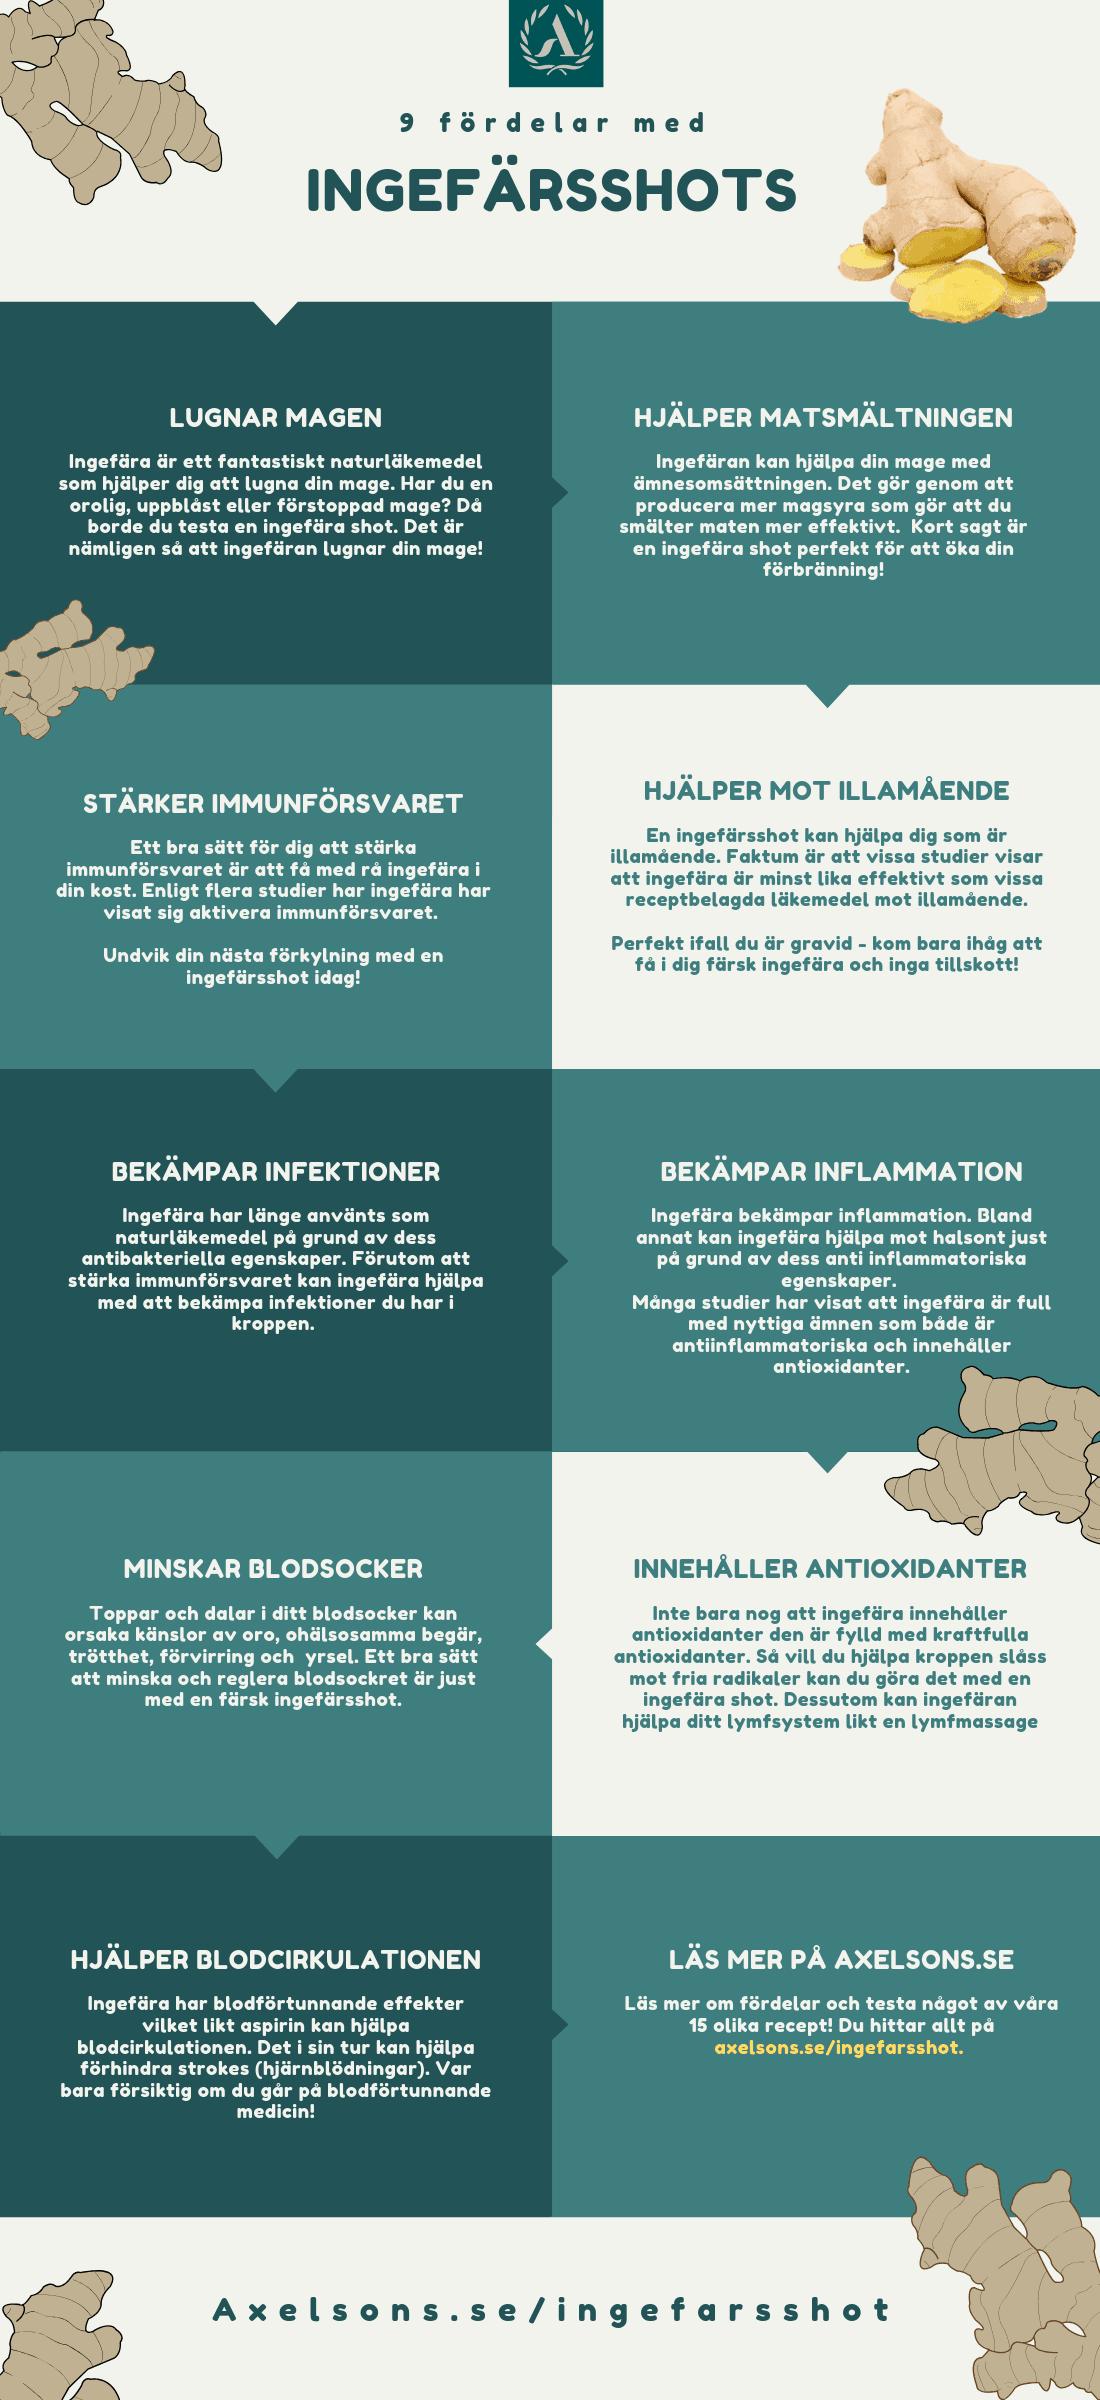 Ingefärsshot - Infographic 9 fördelar med ingefära shots - Axelsons